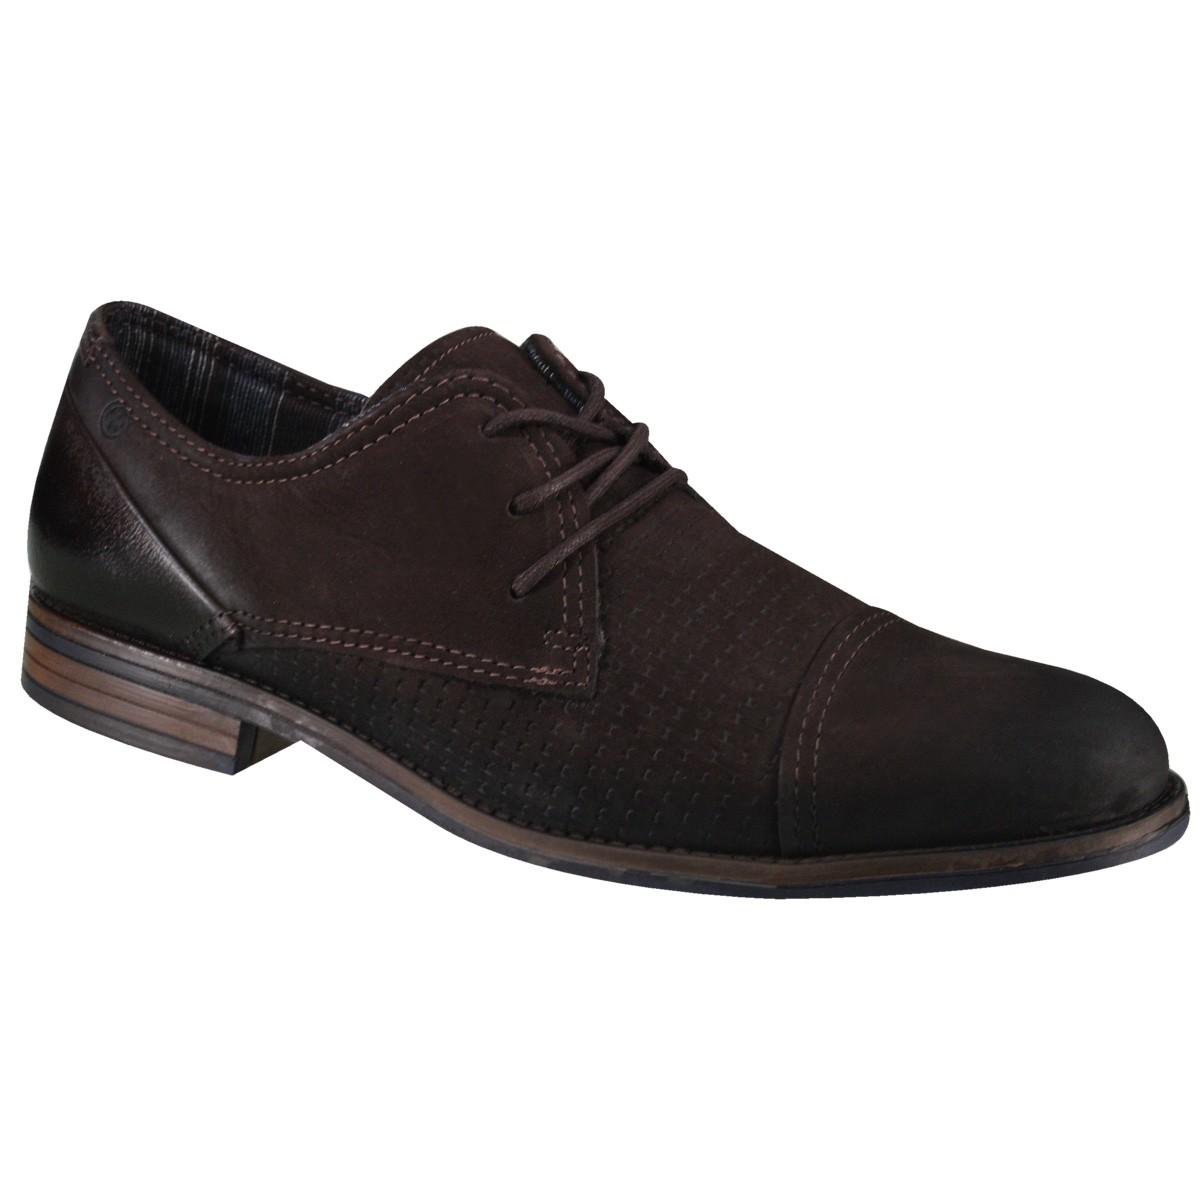 2e06131b29 Sapato Masculino Pegada 124503-08 - Brown (Nobuck Oil) - Calçados ...